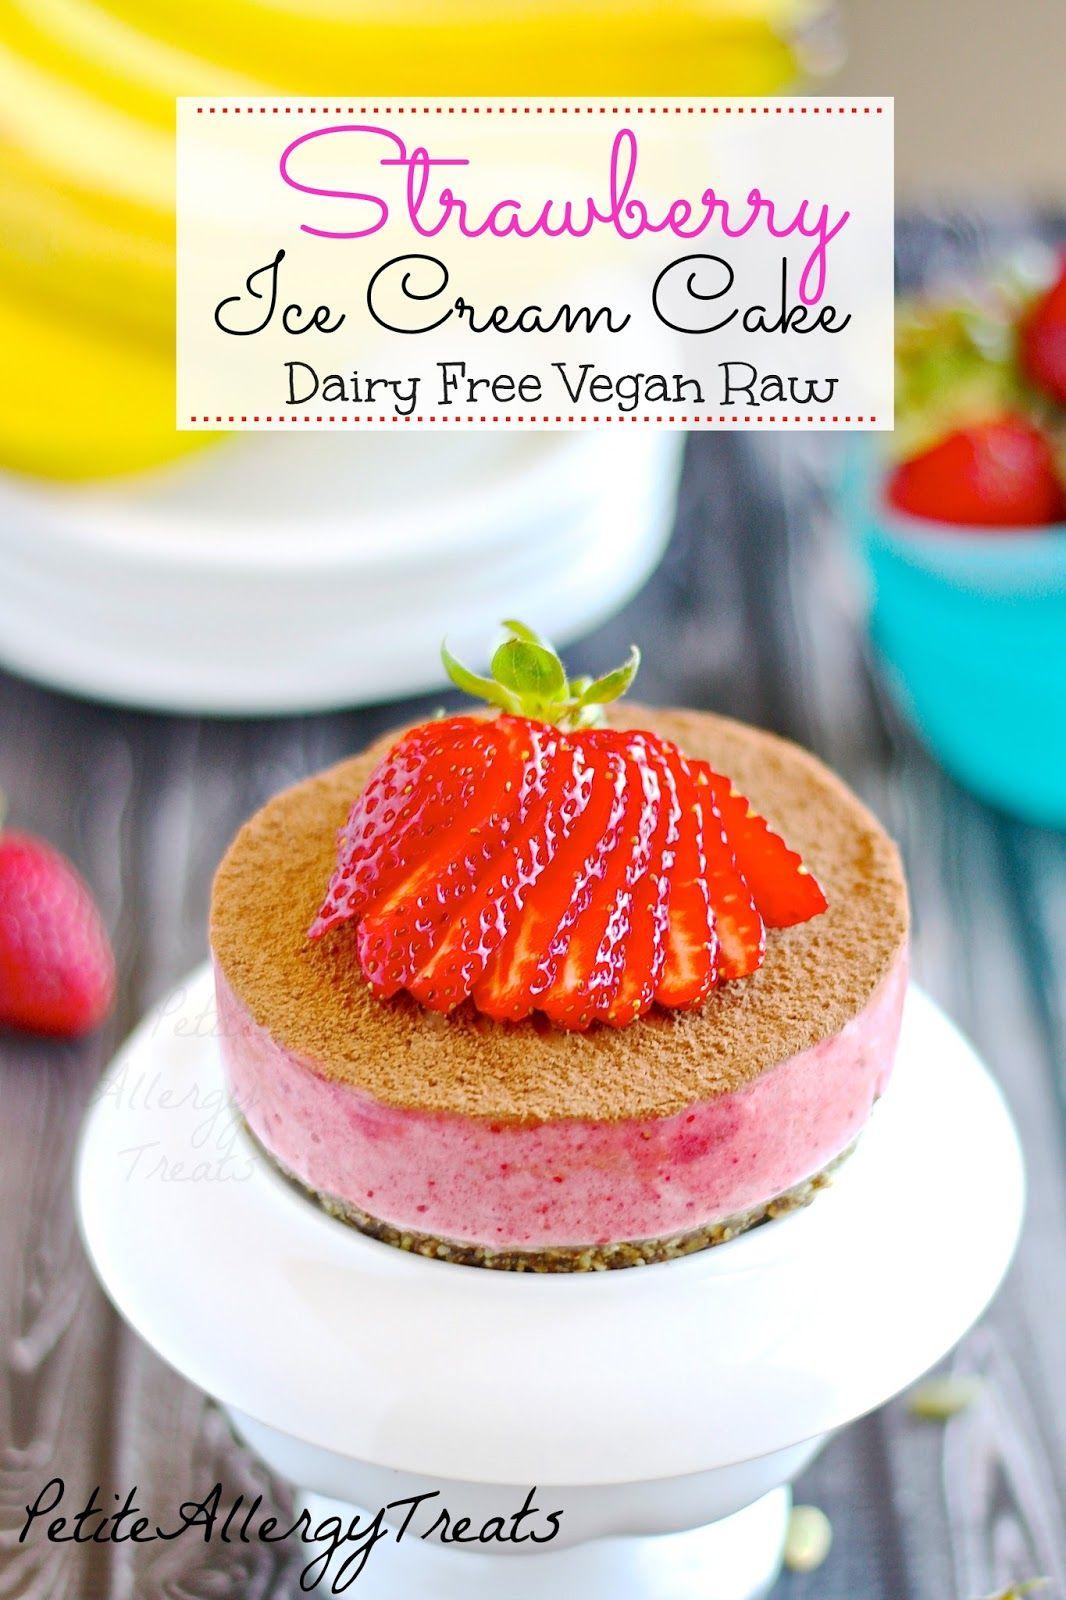 Strawberry Ice Cream Cake Dairy Free Raw Vegan Strawberry Ice